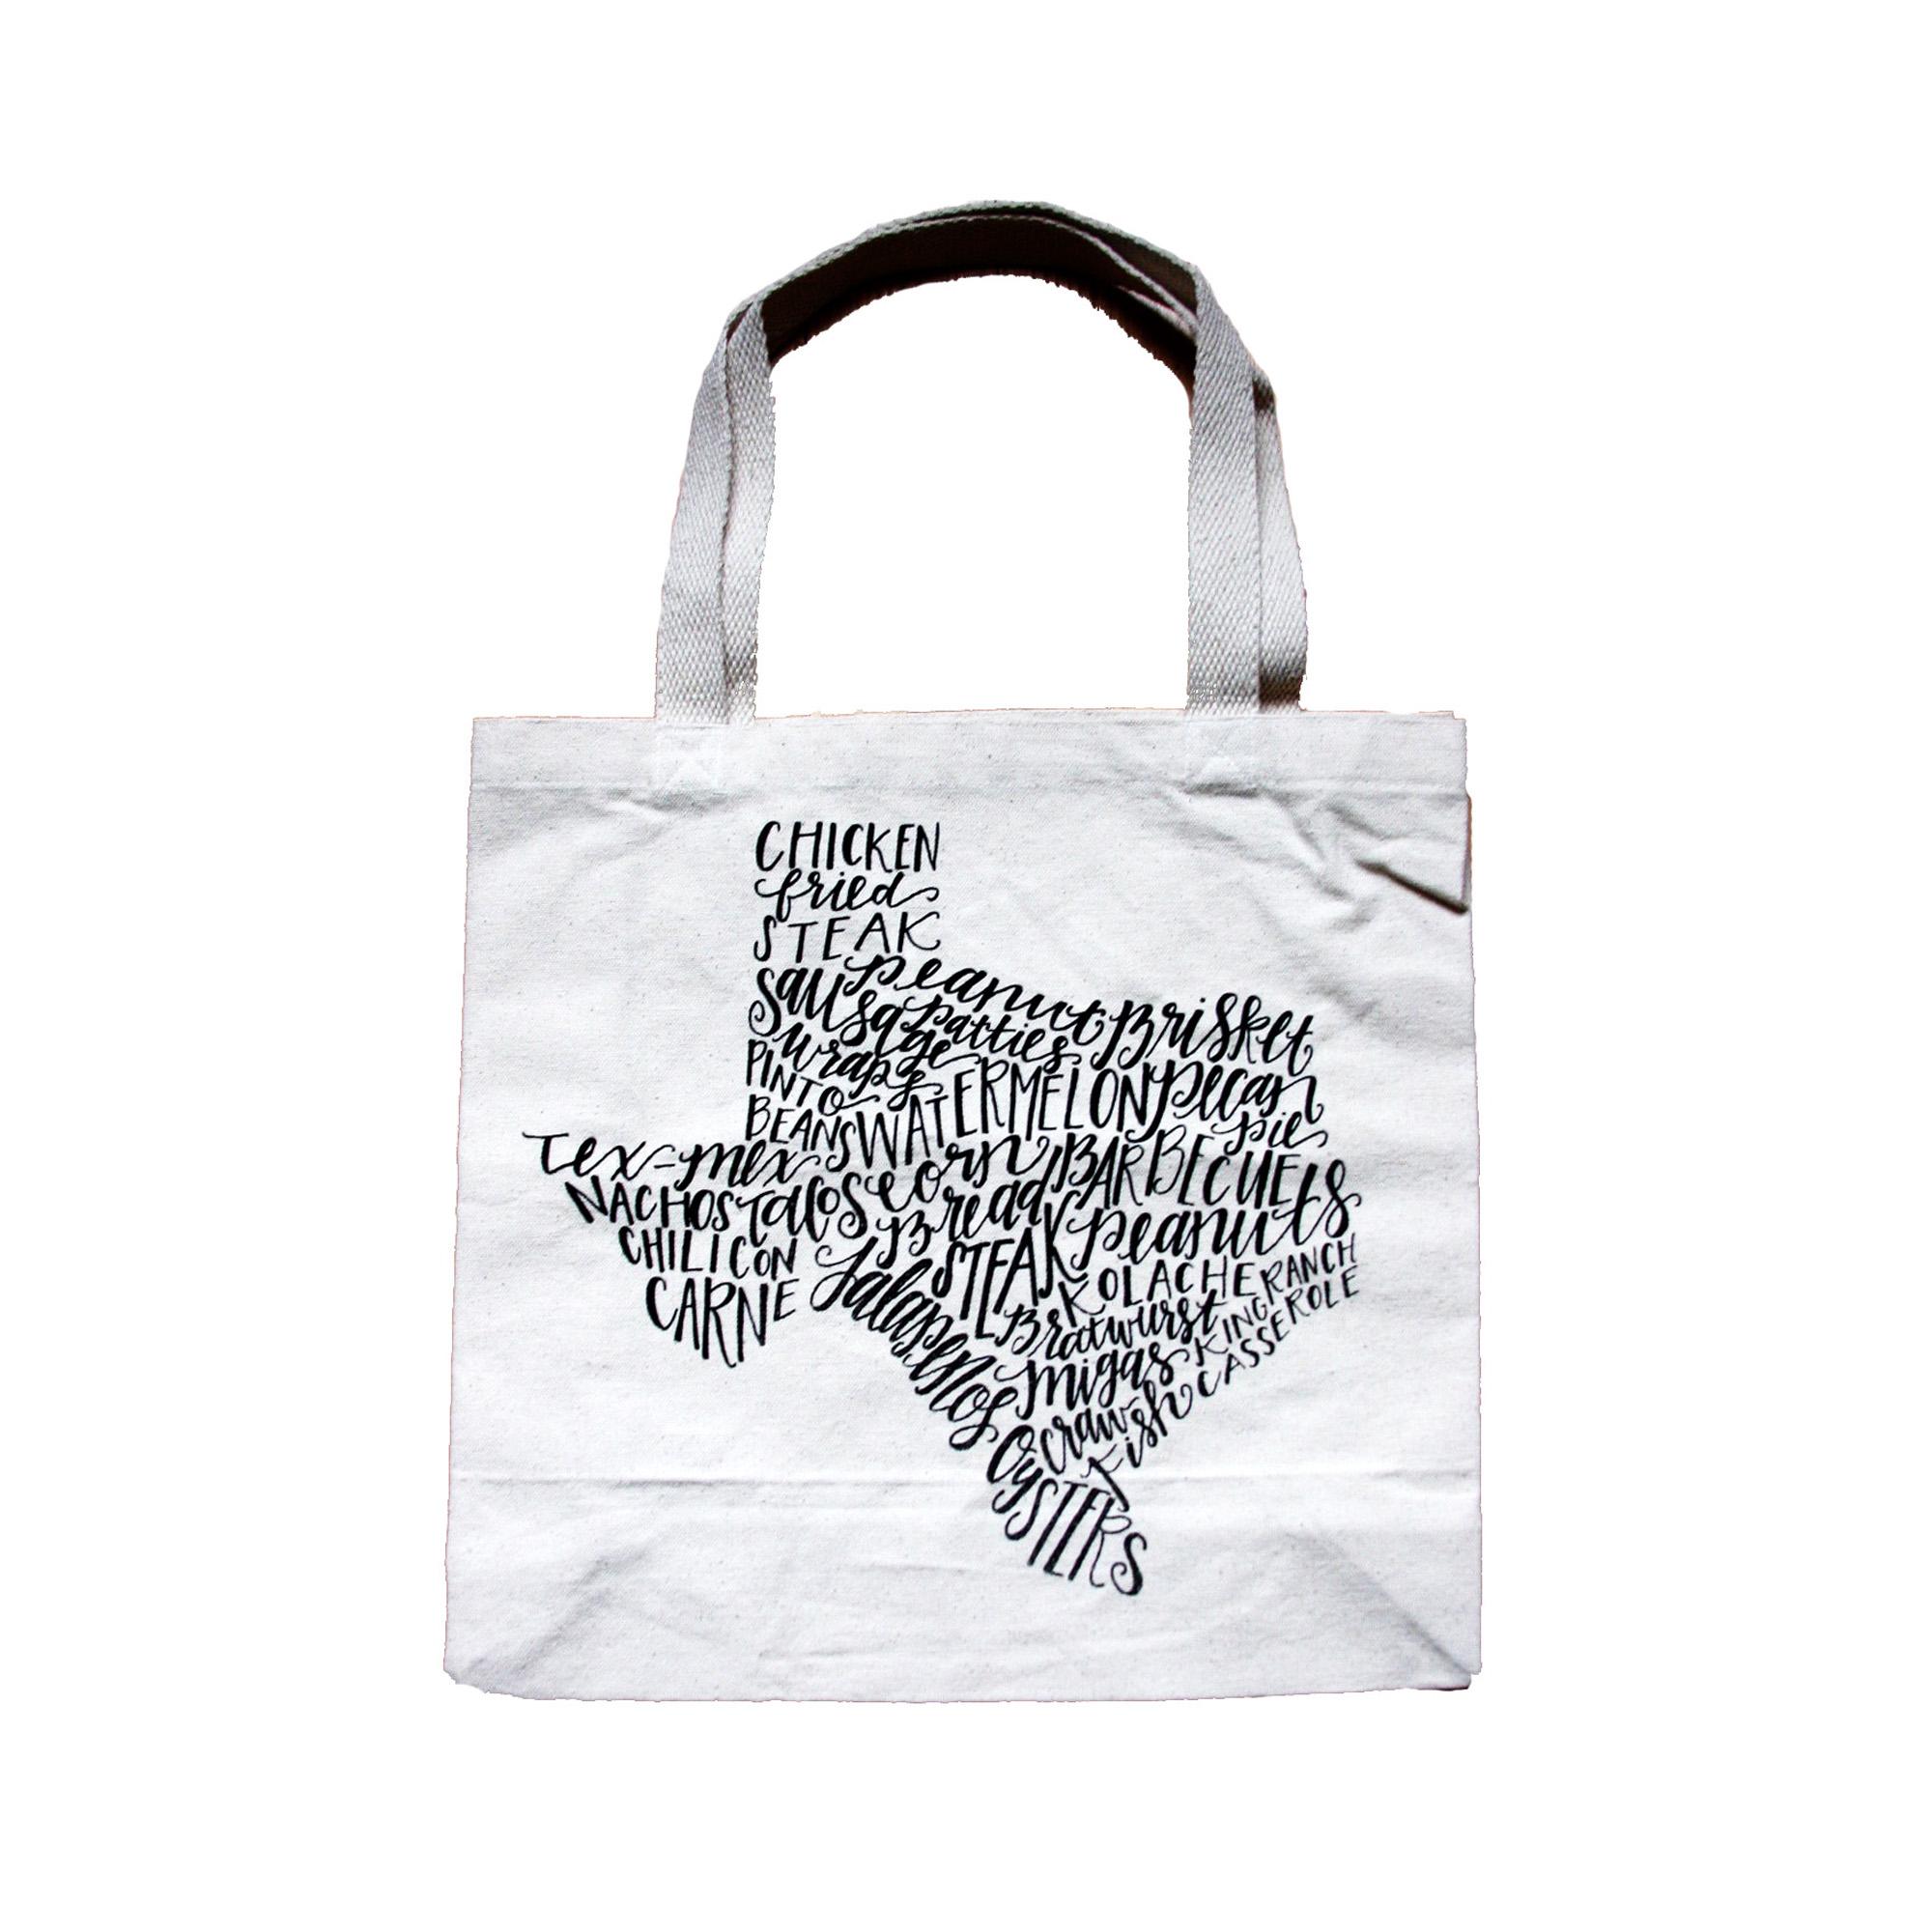 Texas tote.jpg